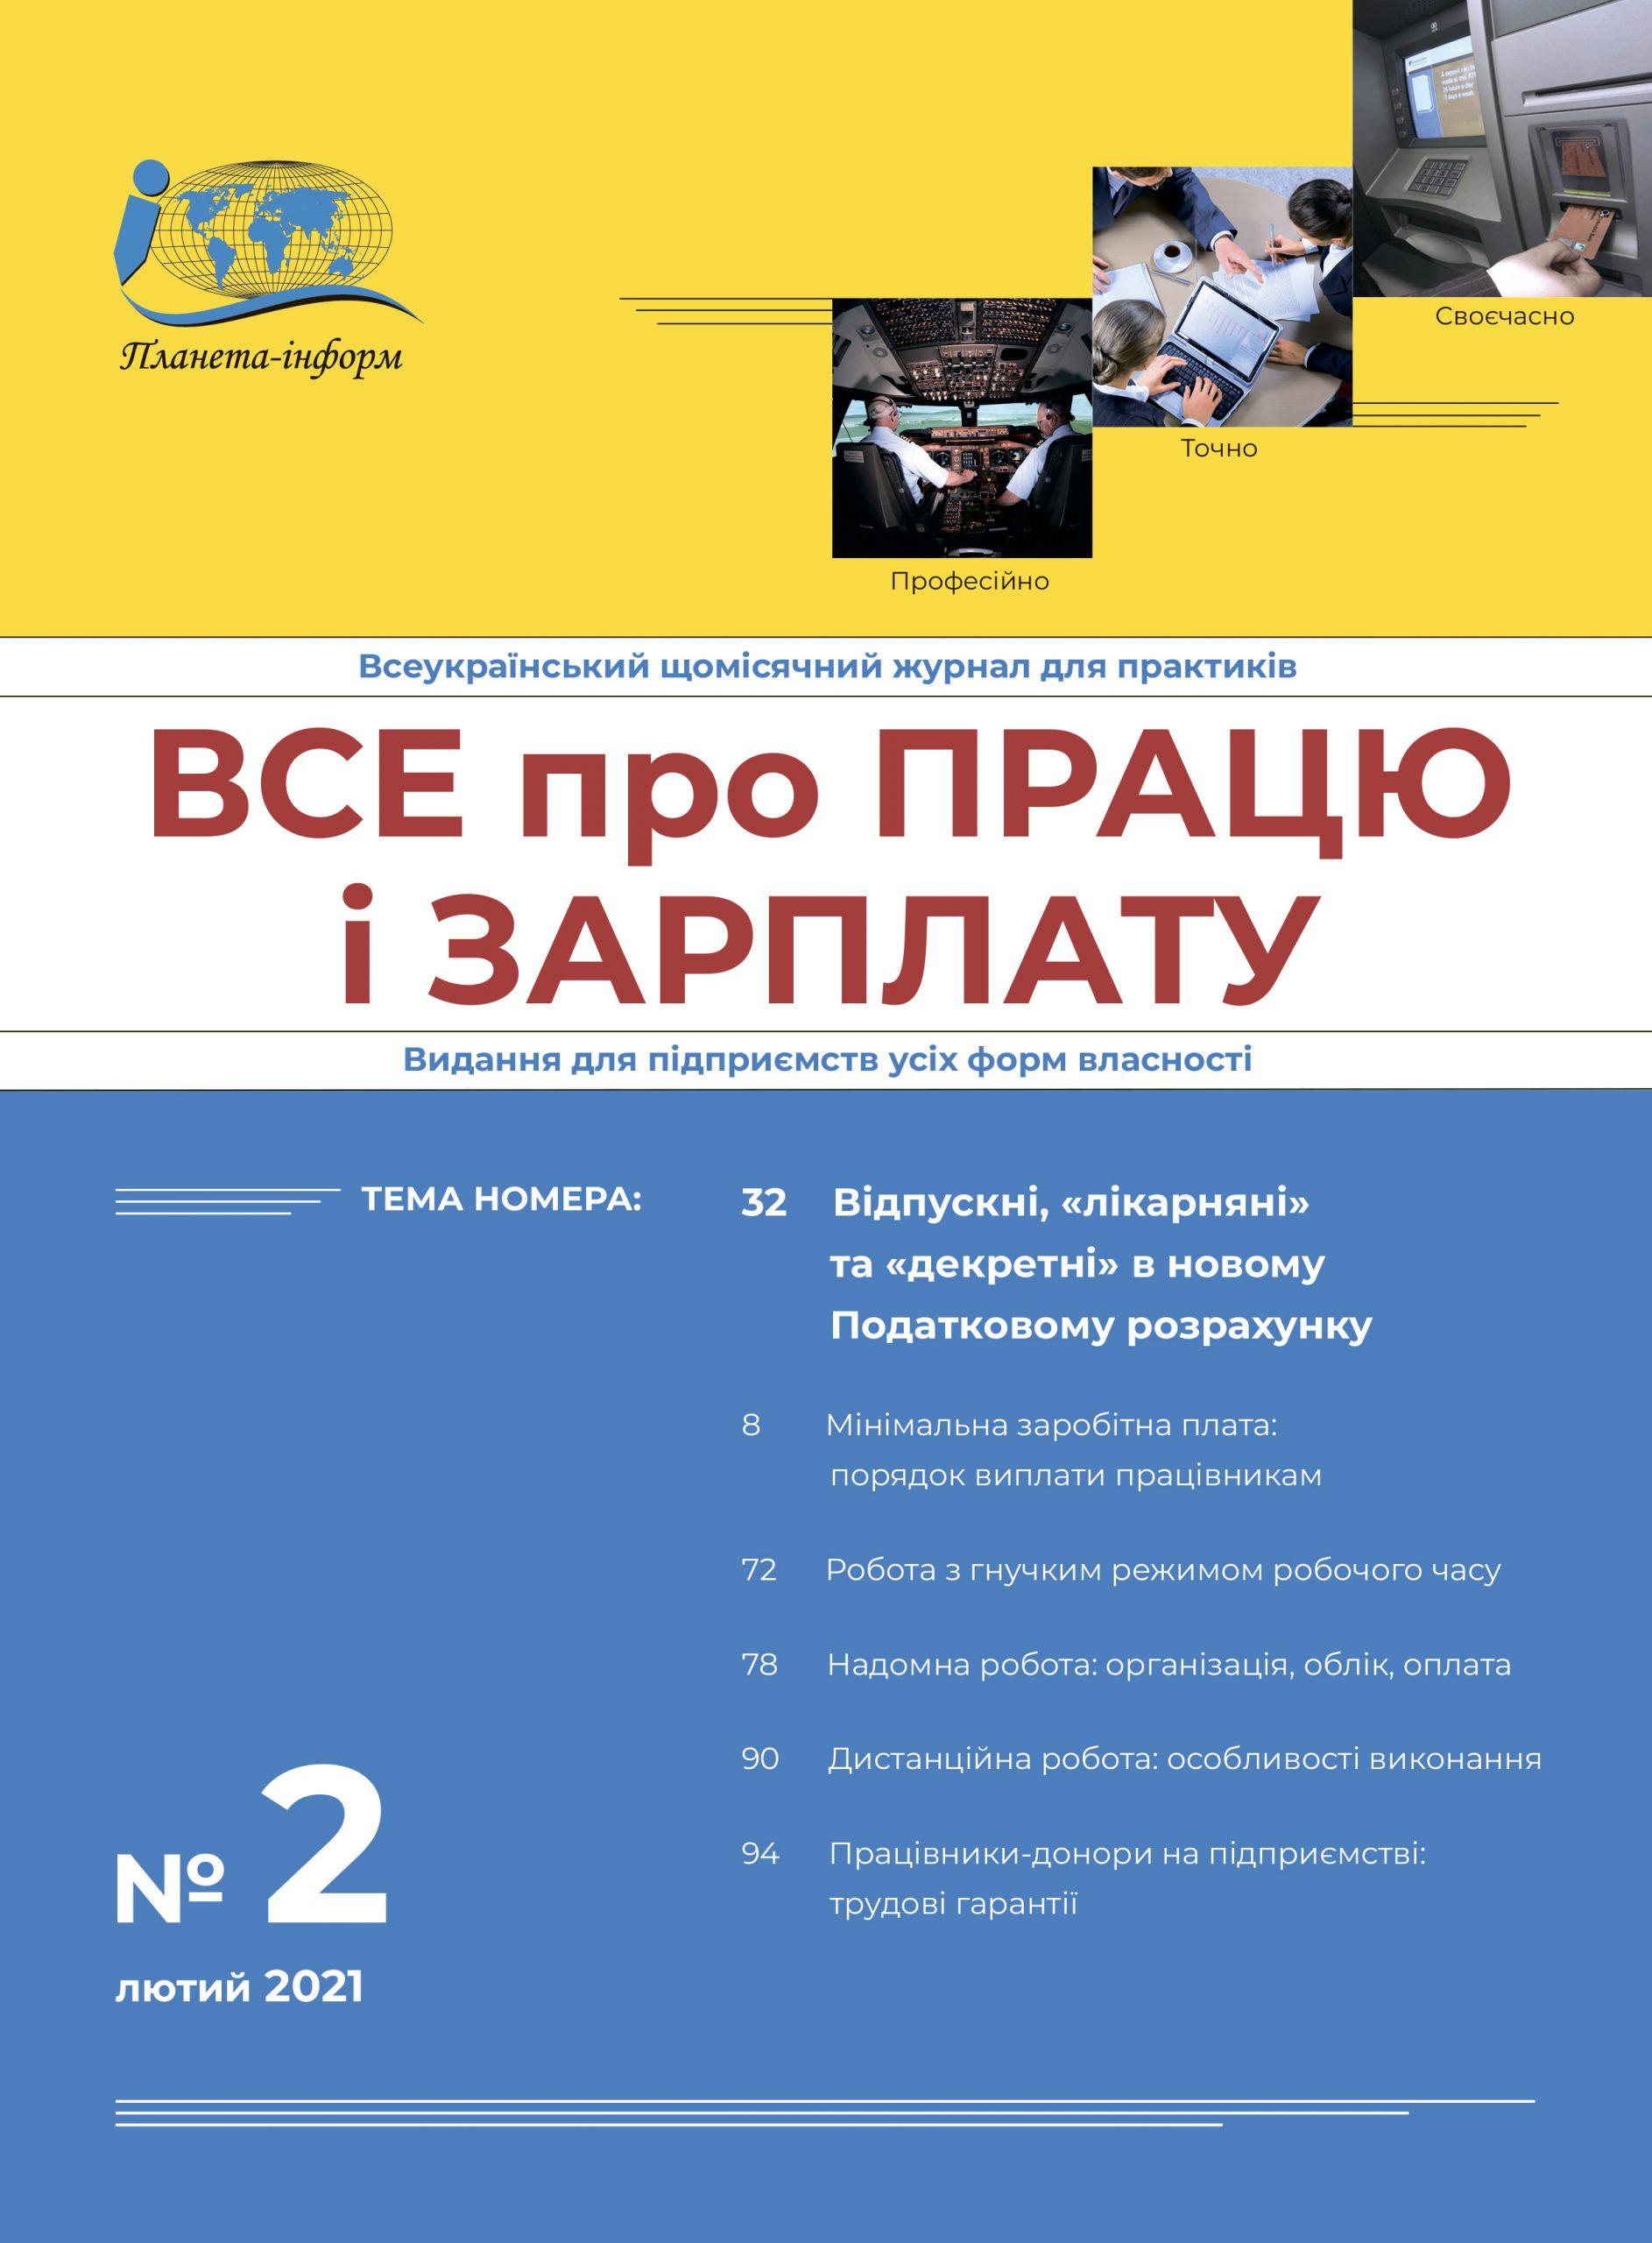 Журнал «Все о труде и зарплате» № 2/2021